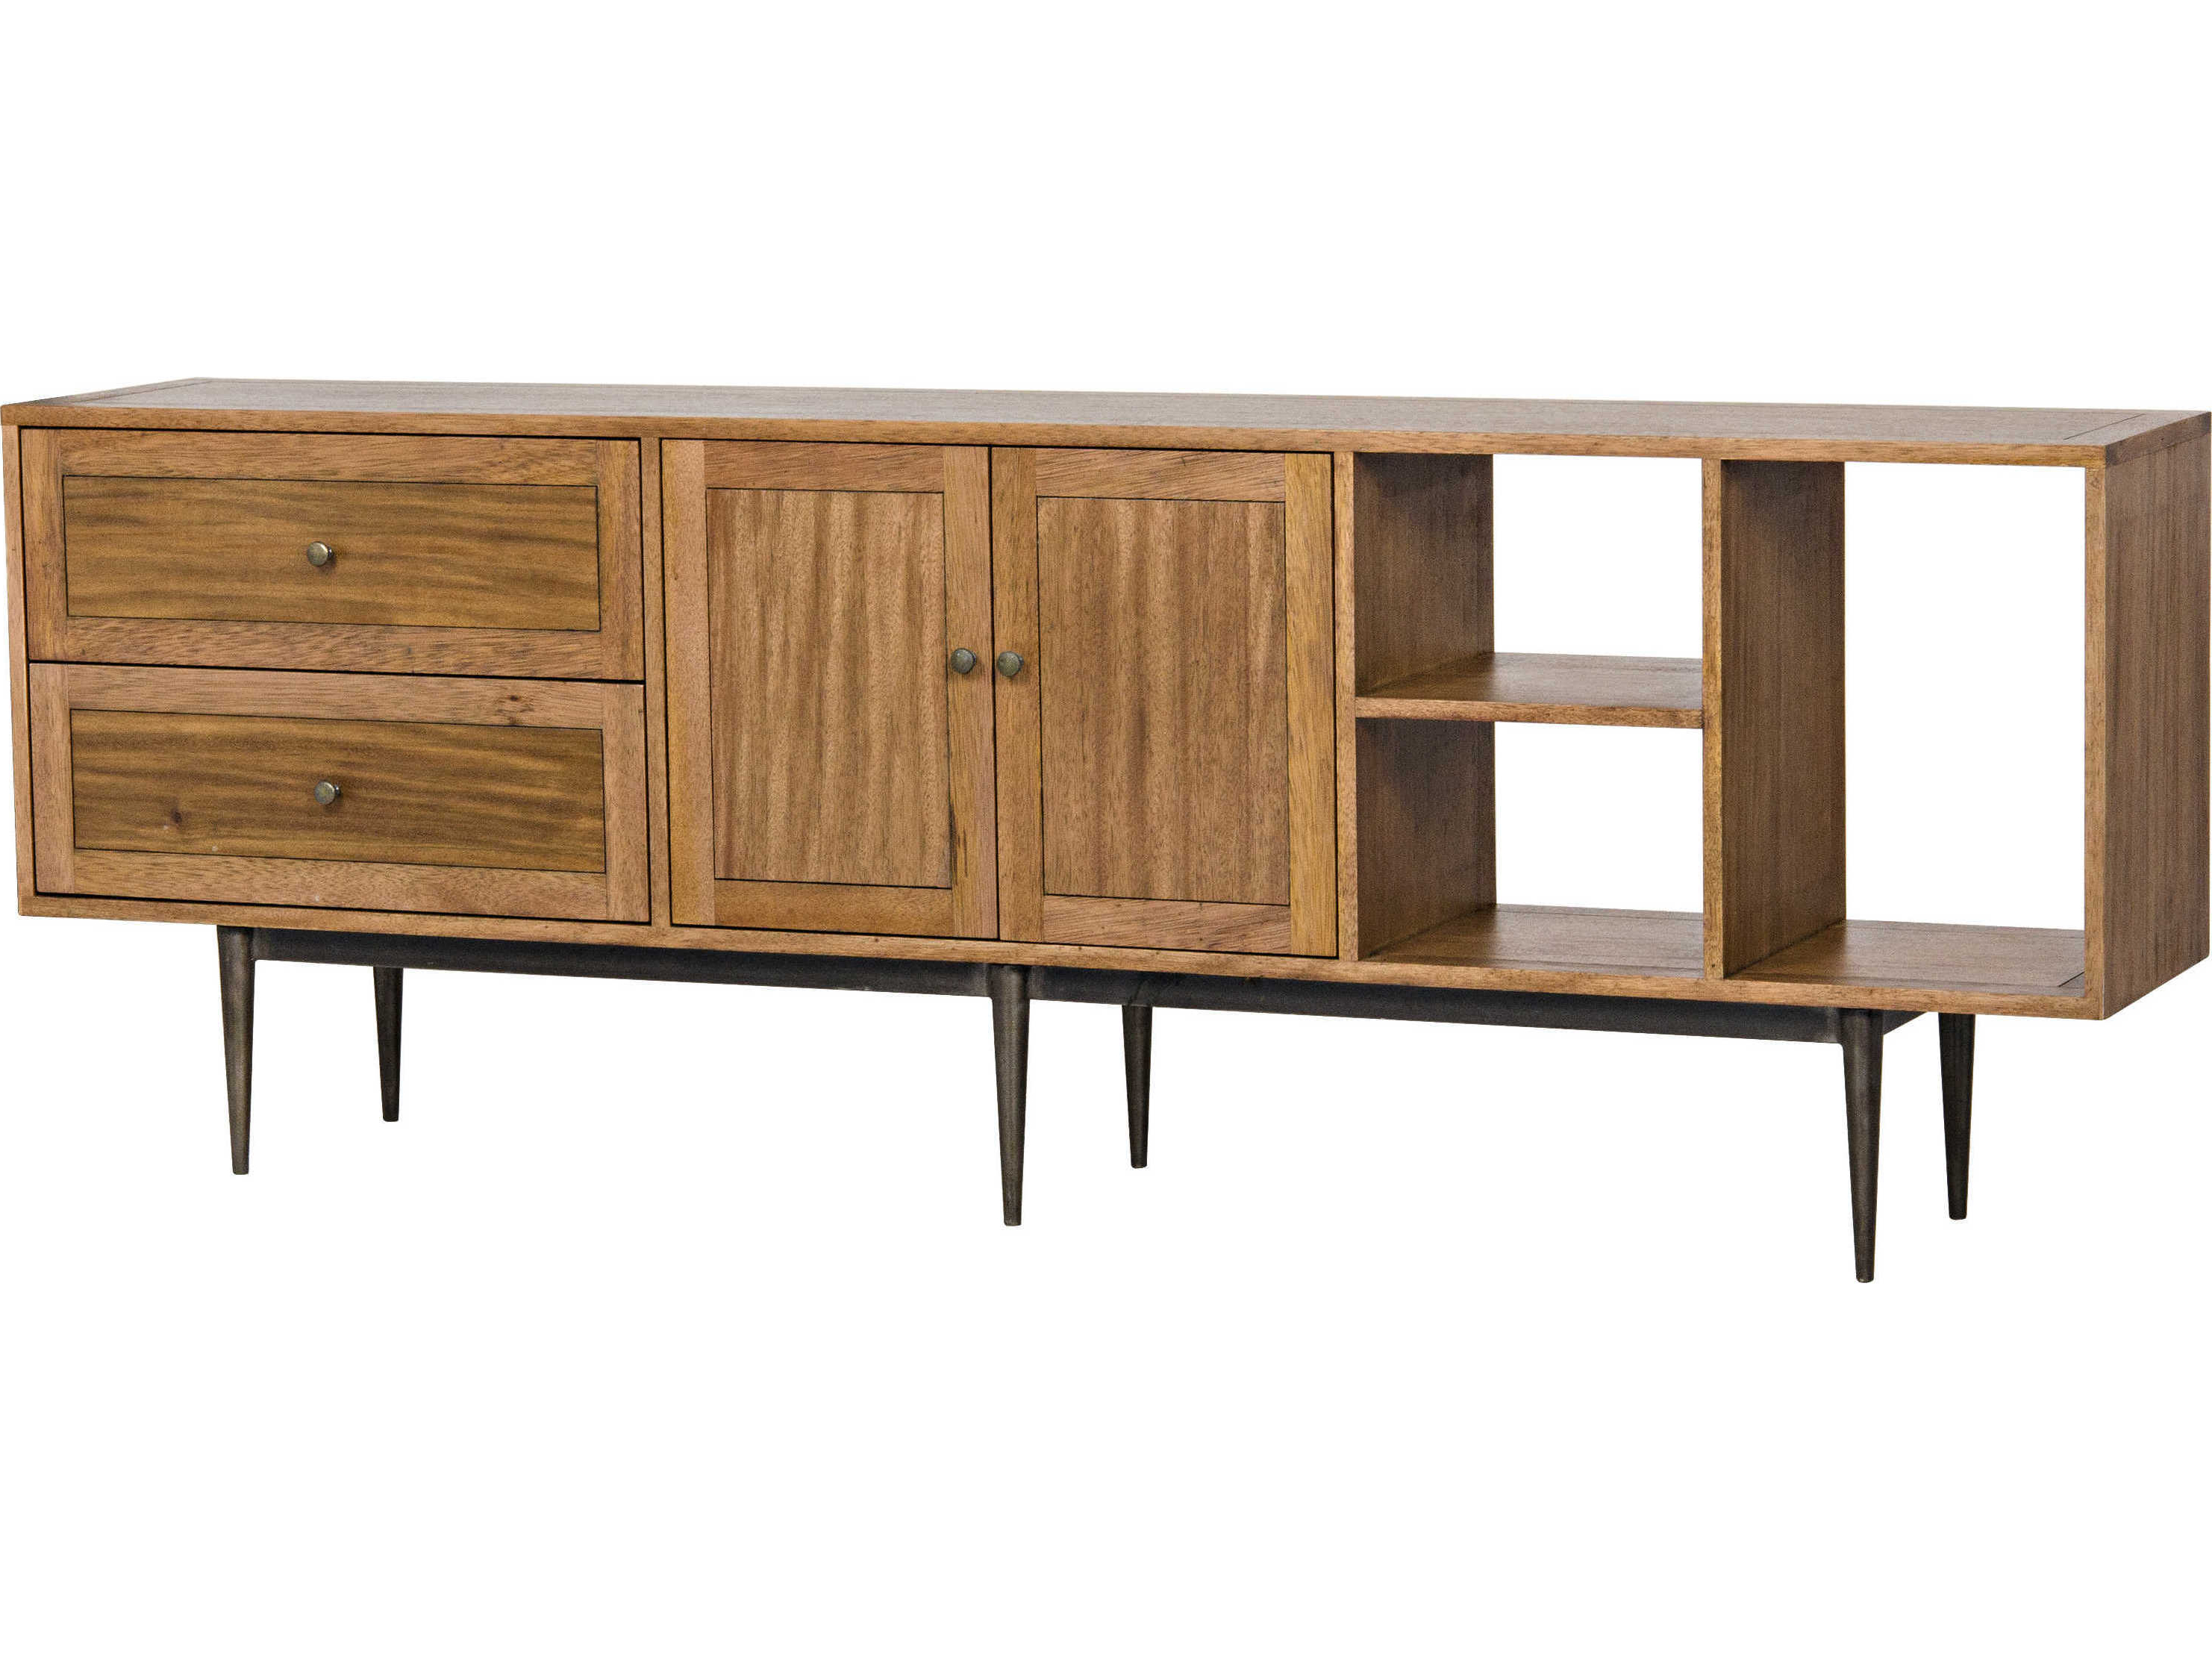 Noir Furniture Kananga Walnut & Metal 84'' X 15'' Sideboard With Regard To Melange Brockton Sideboards (View 18 of 20)